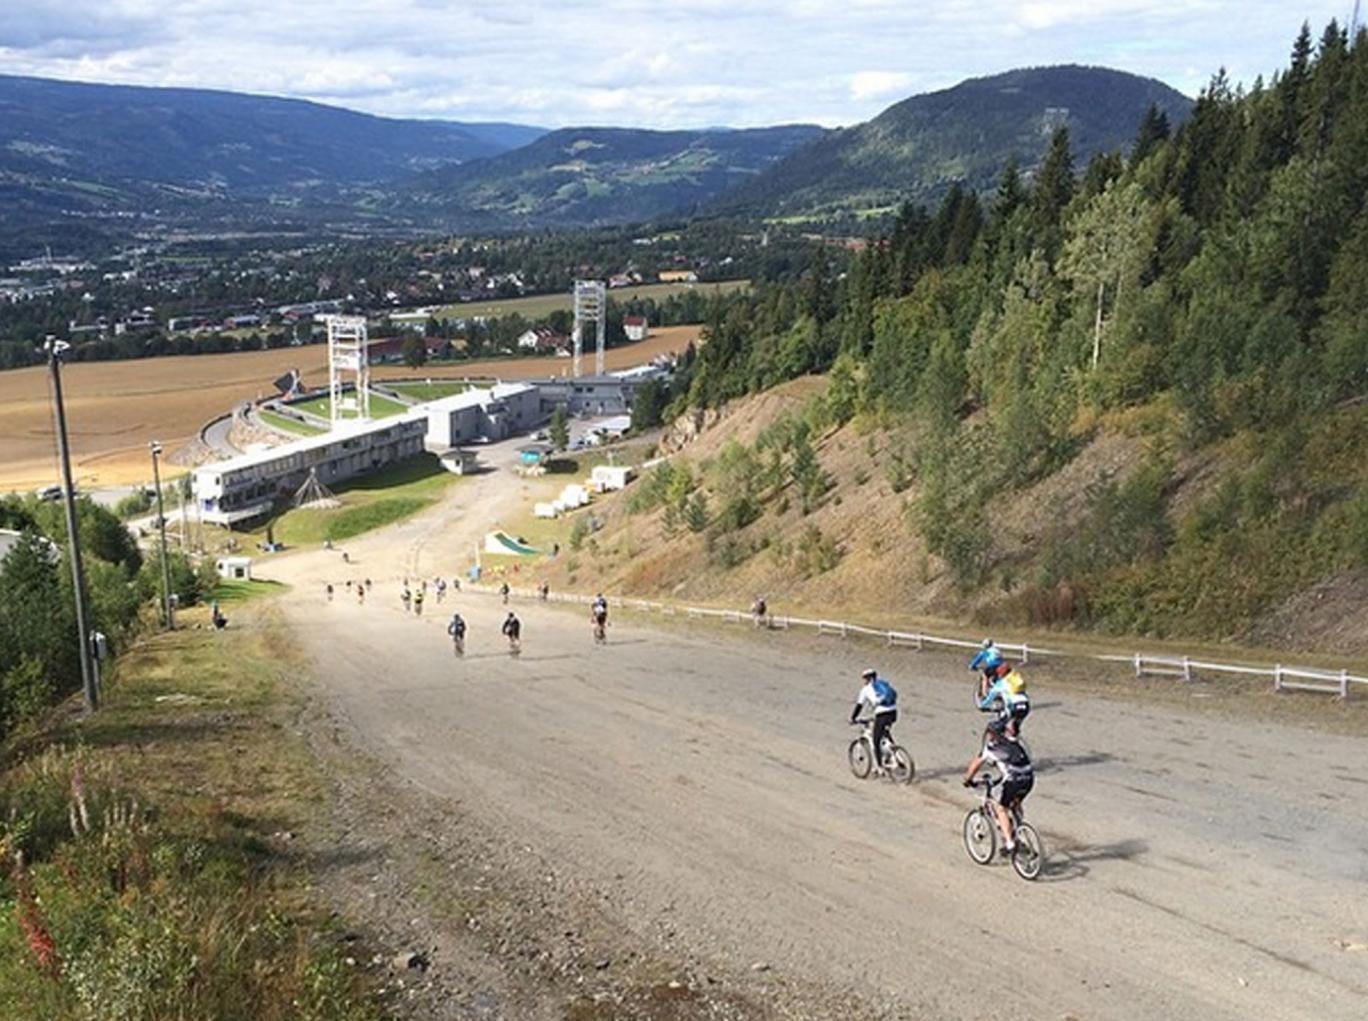 The Fredagsbirken biking event in Norway